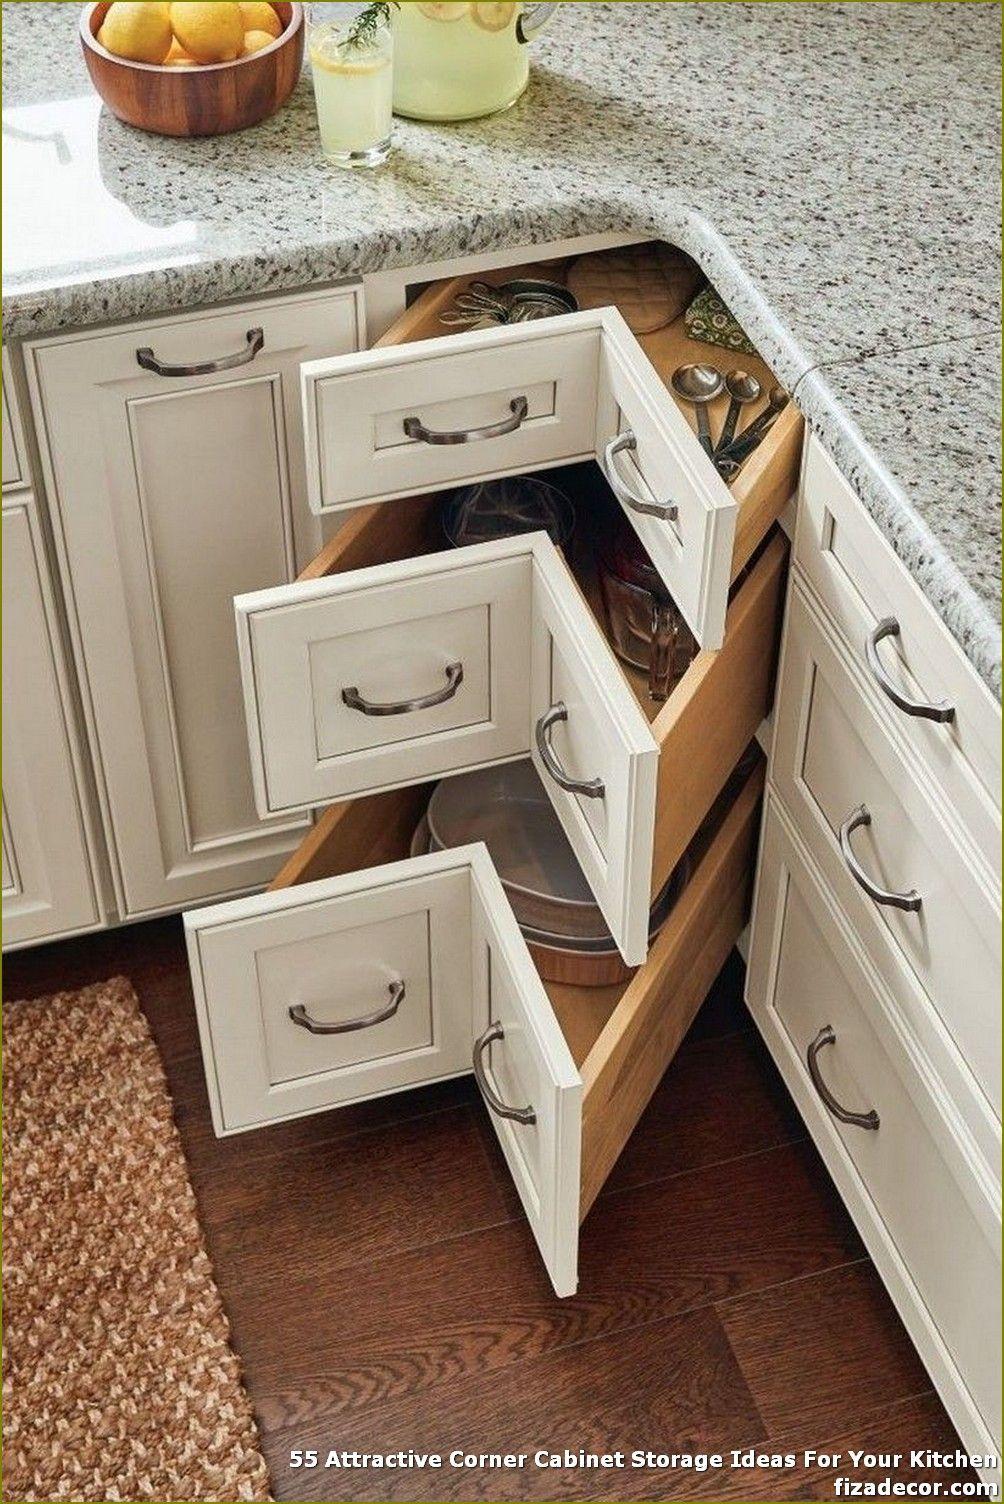 55 Attractive Corner Cabinet Storage Ideas For Your Kitchen